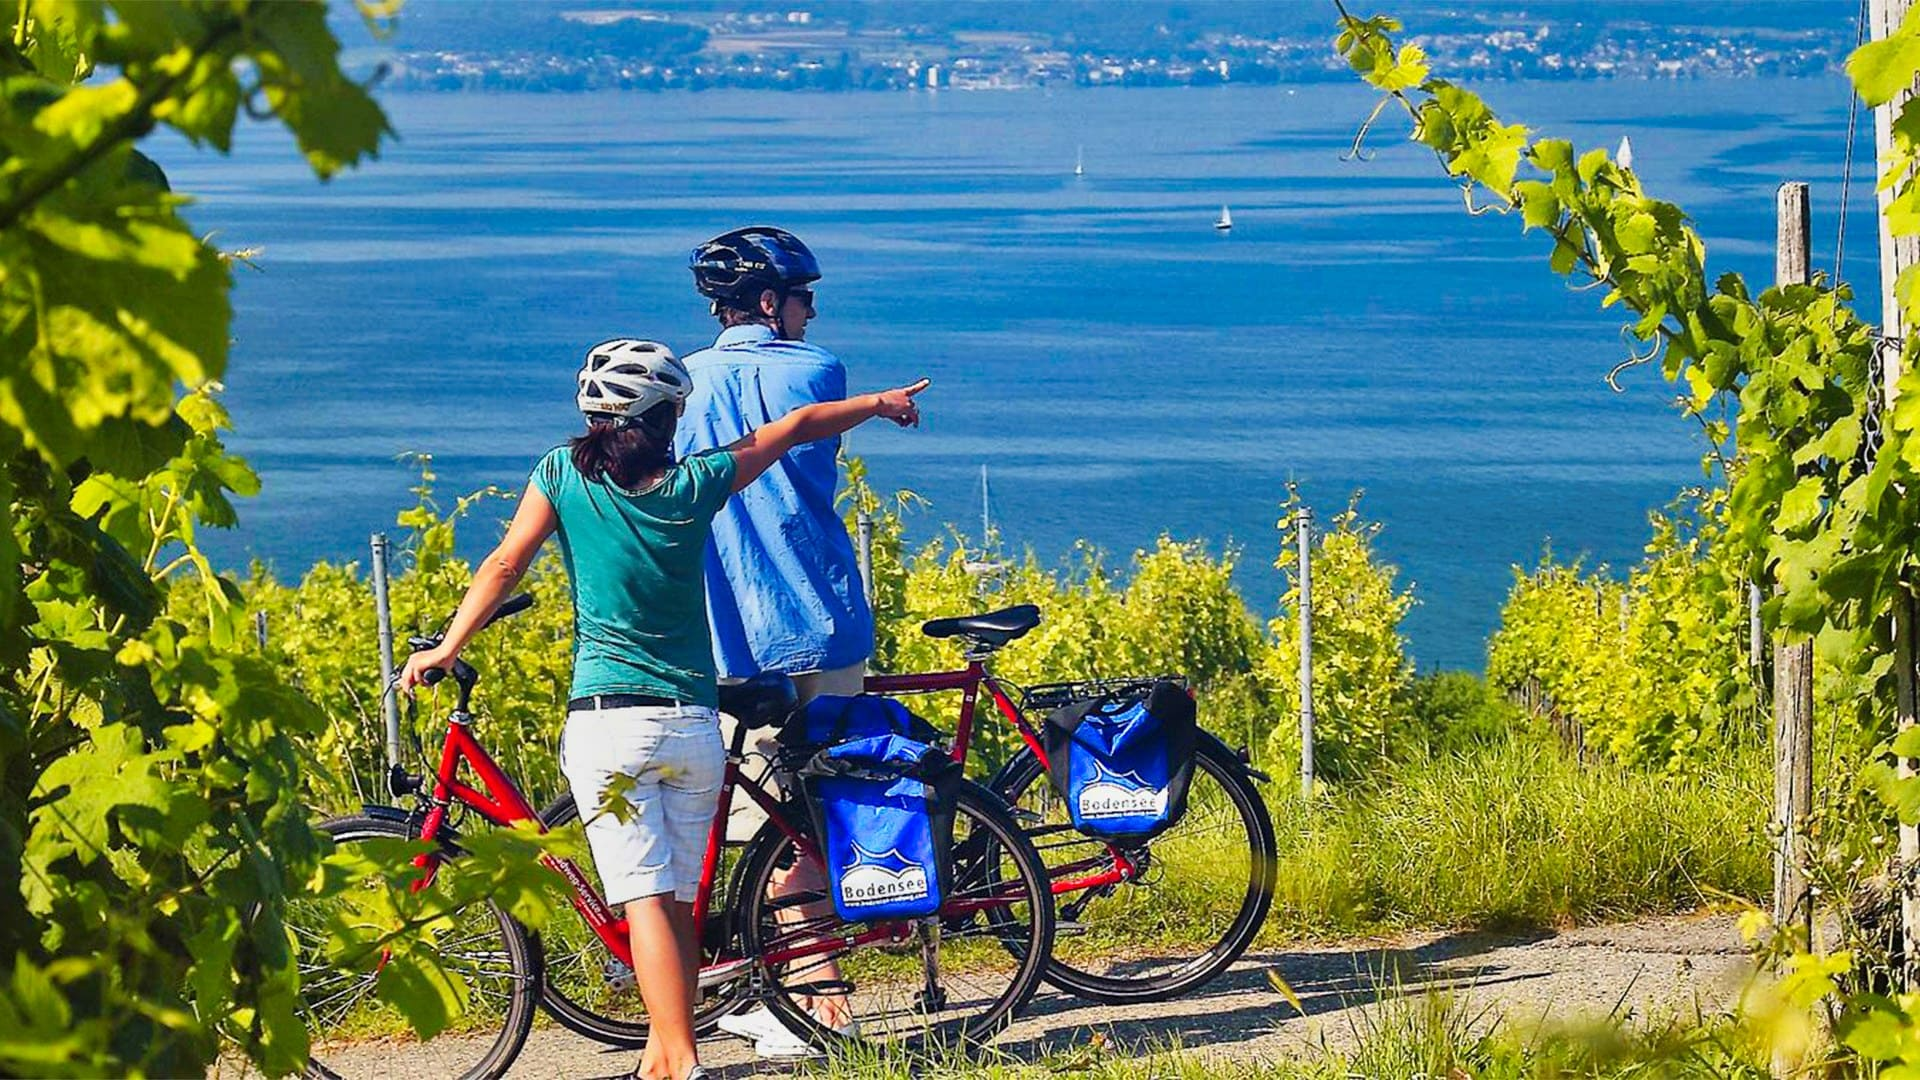 Voyage en véhicule : Allemagne : Lac de Constance à vélo en famille